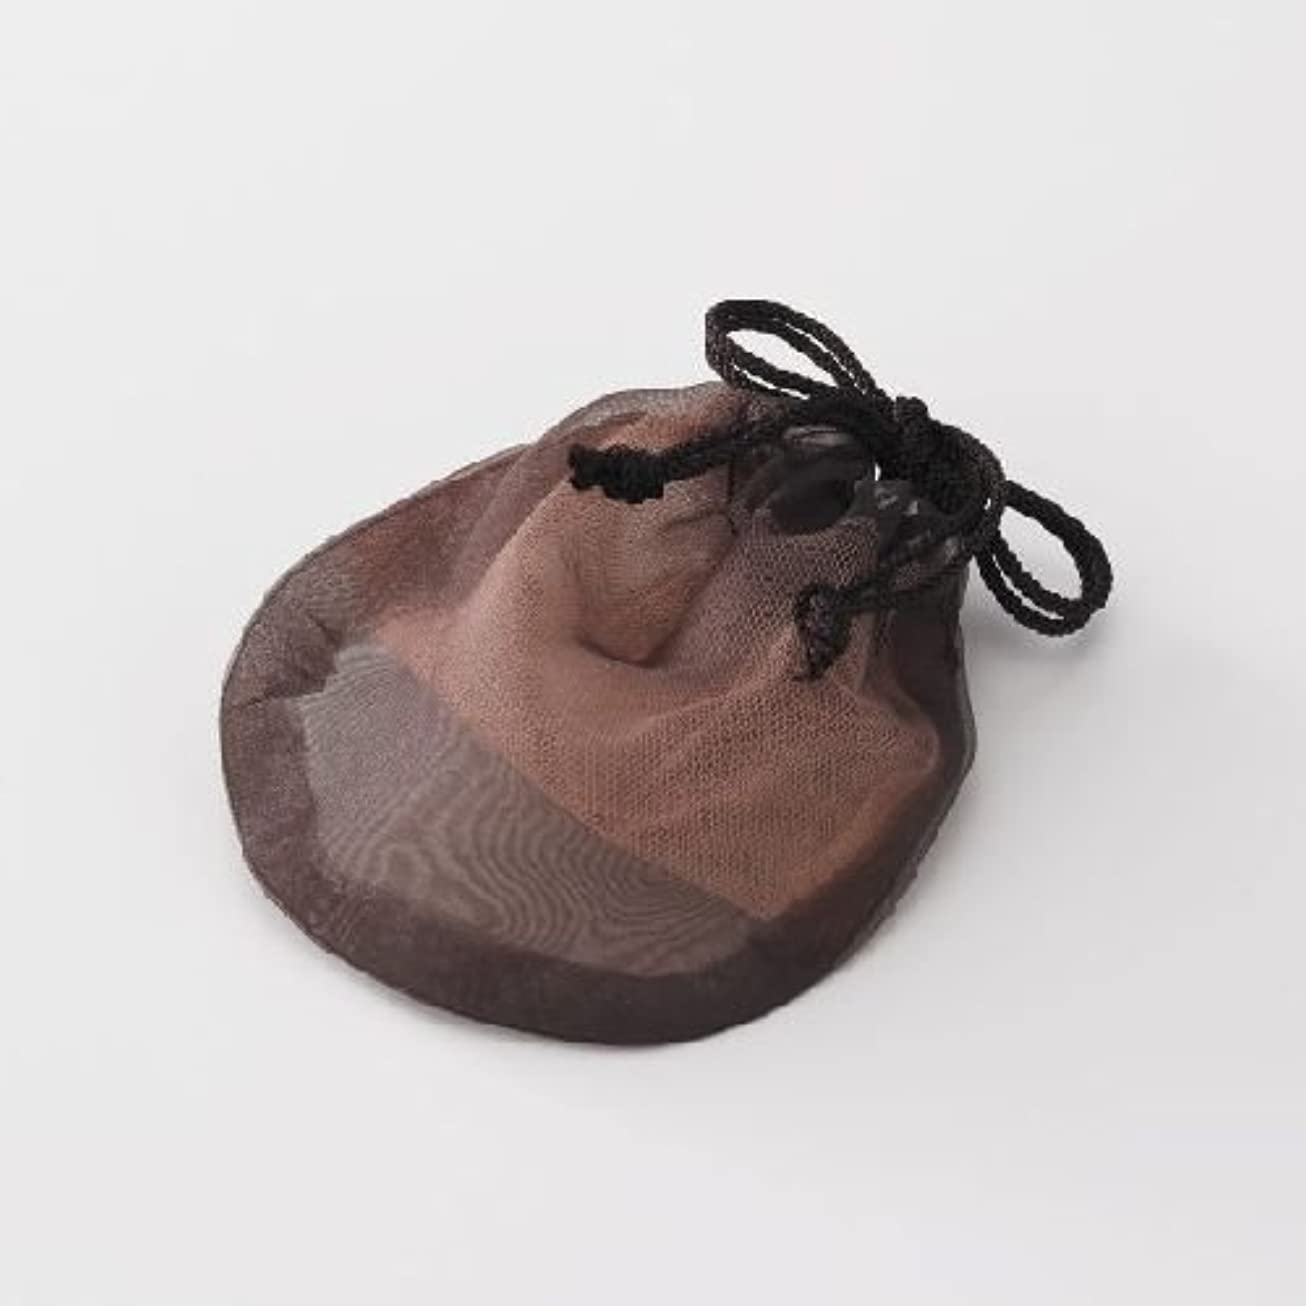 声を出して注入不快ピギーバックス ソープネット 瞬時にマシュマロのようなお肌に負担をかけないキメ細かな泡をつくることができるオシャレなポーチ型オリジナル【泡だてネット】!衛生的に固形石鹸の保存もできます。